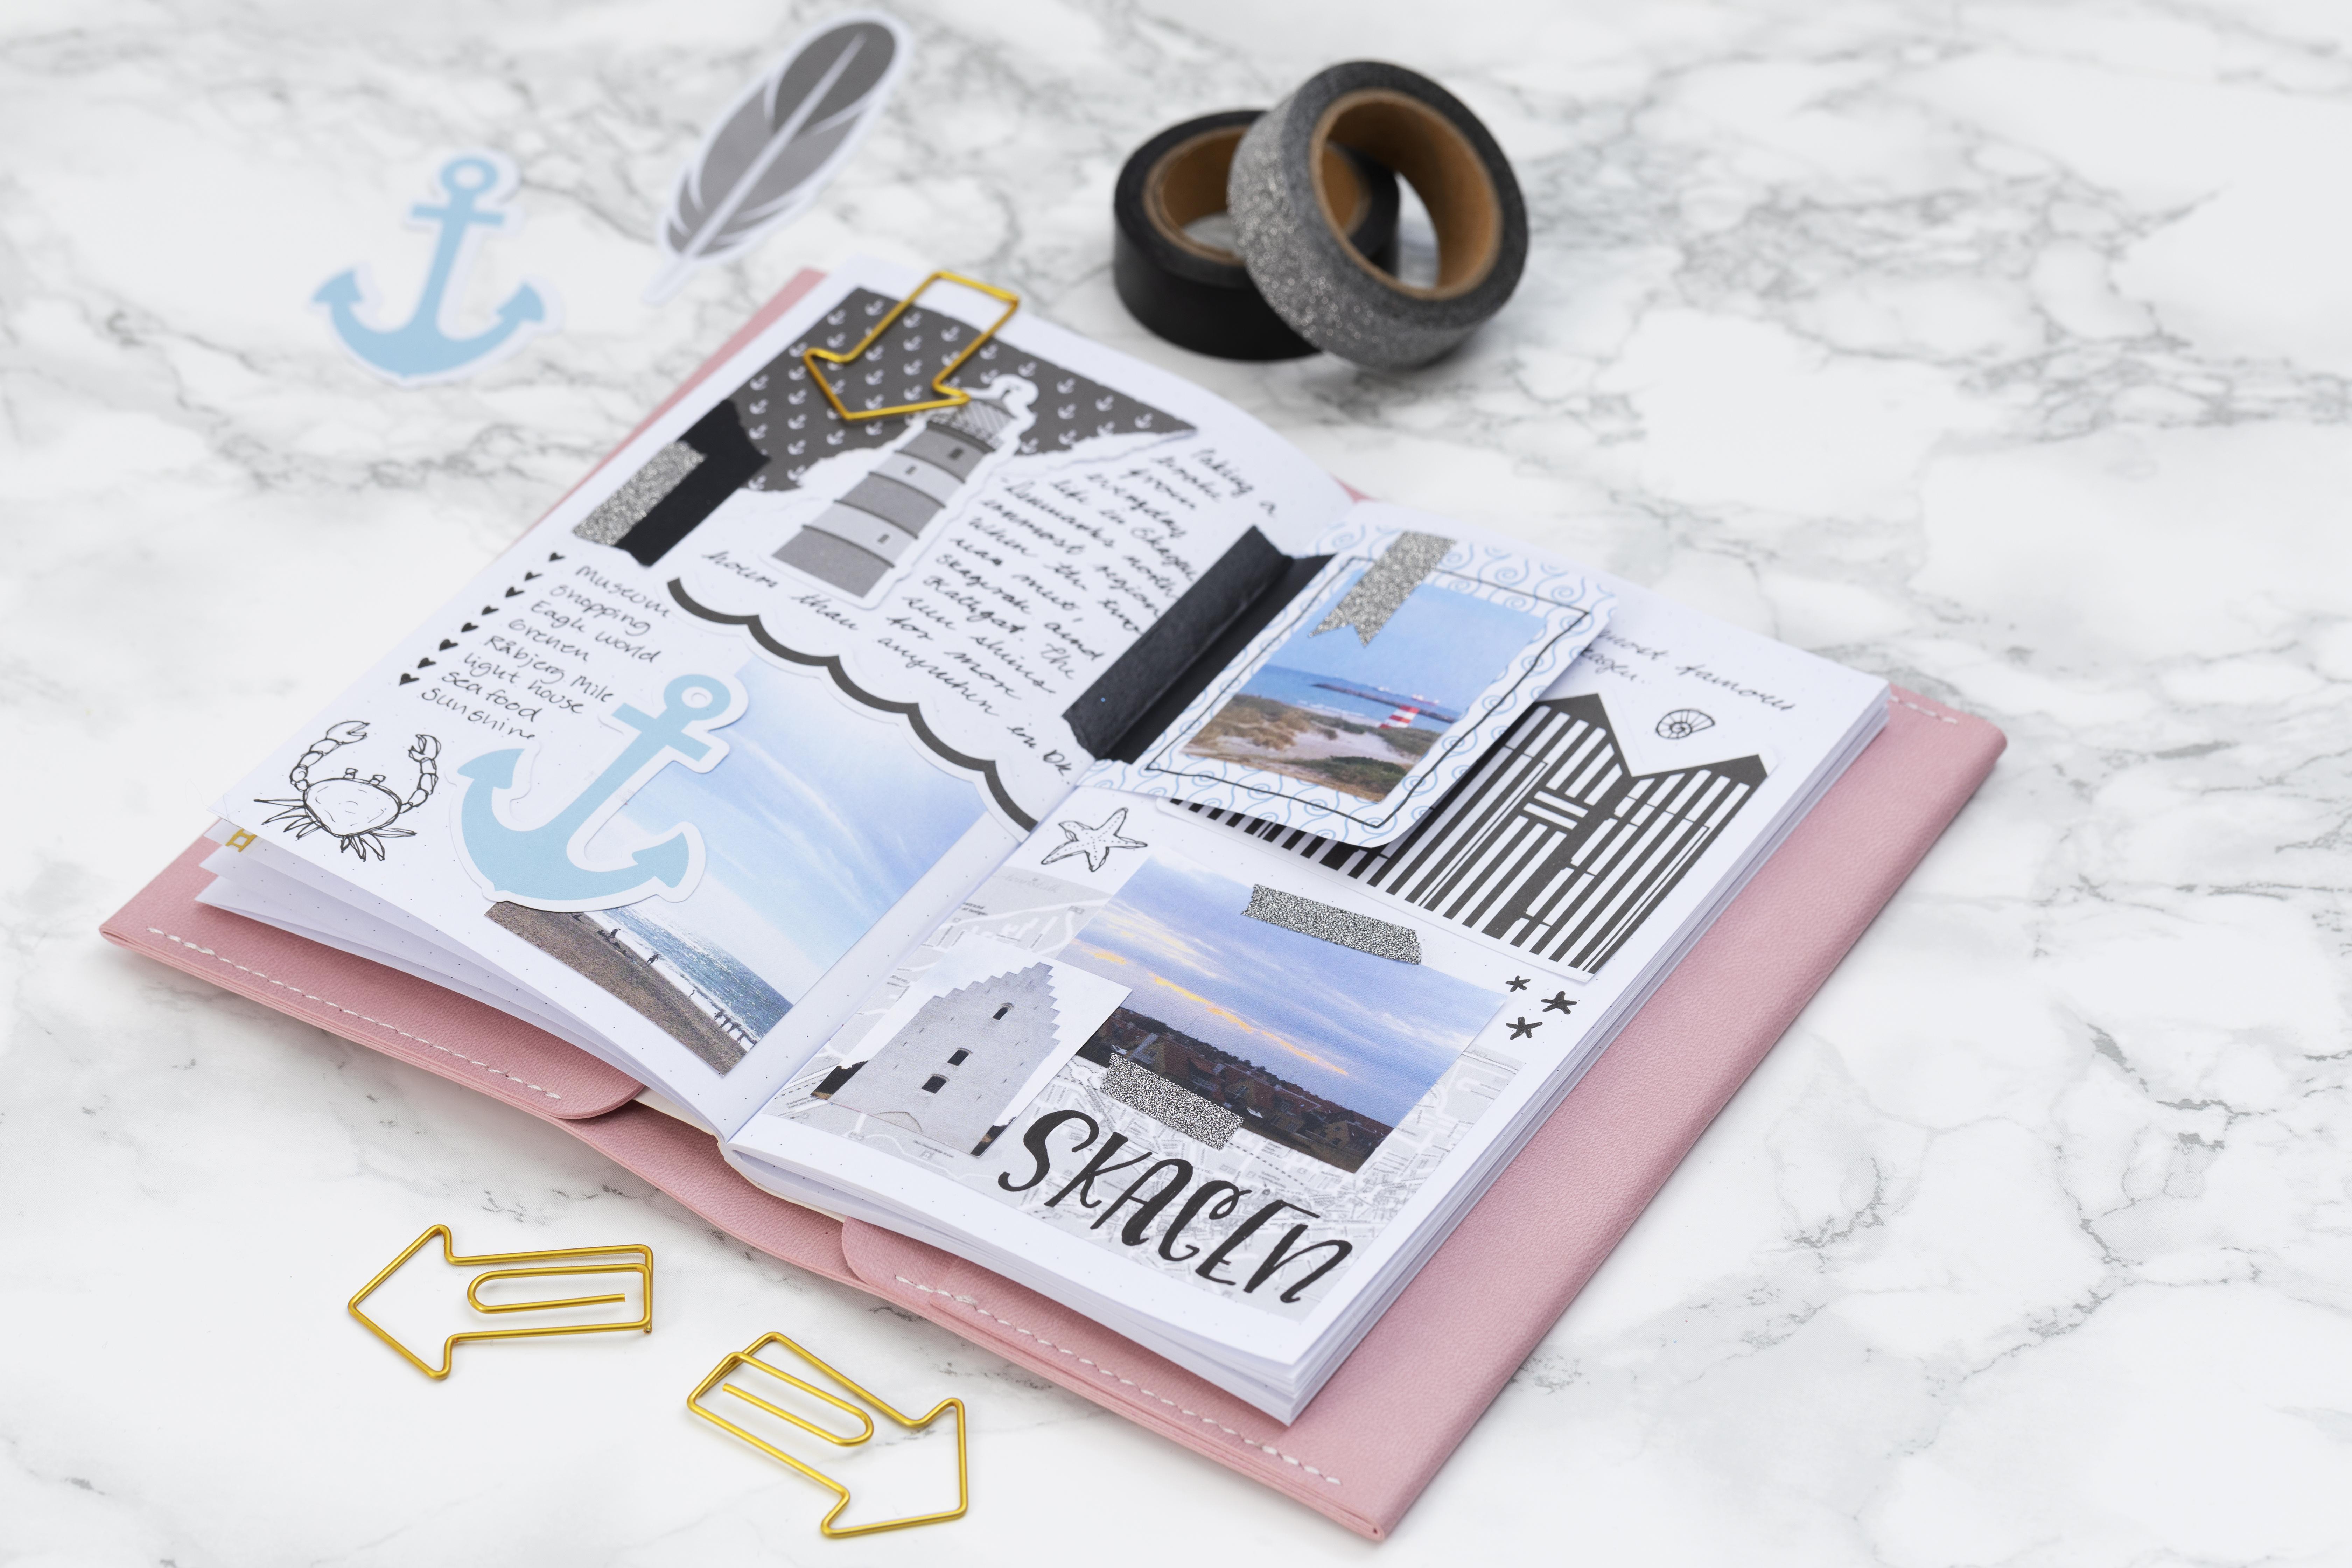 Lav selv en bullet journal og planner med rejseminder - find inspiration og idéer her